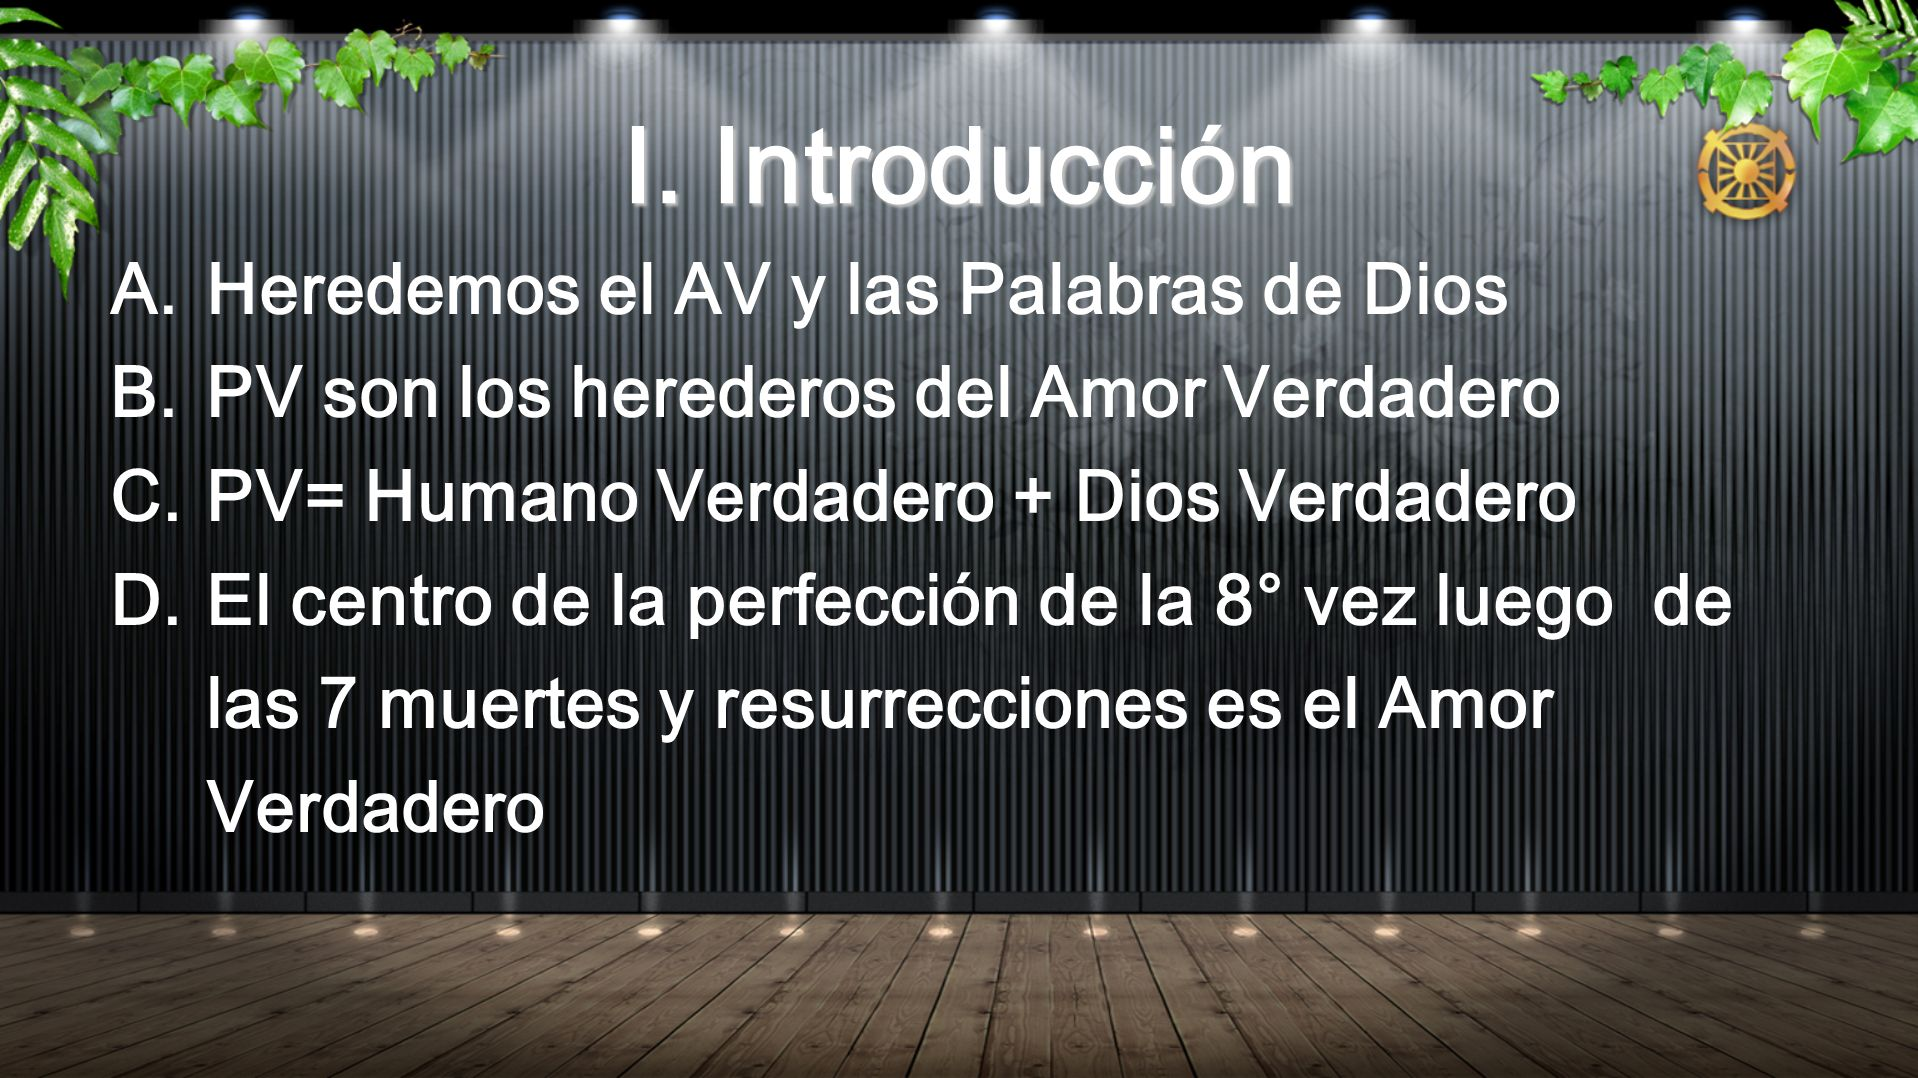 I. Introducción A.Heredemos el AV y las Palabras de Dios B.PV son los herederos del Amor Verdadero C.PV= Humano Verdadero + Dios Verdadero D.El centro